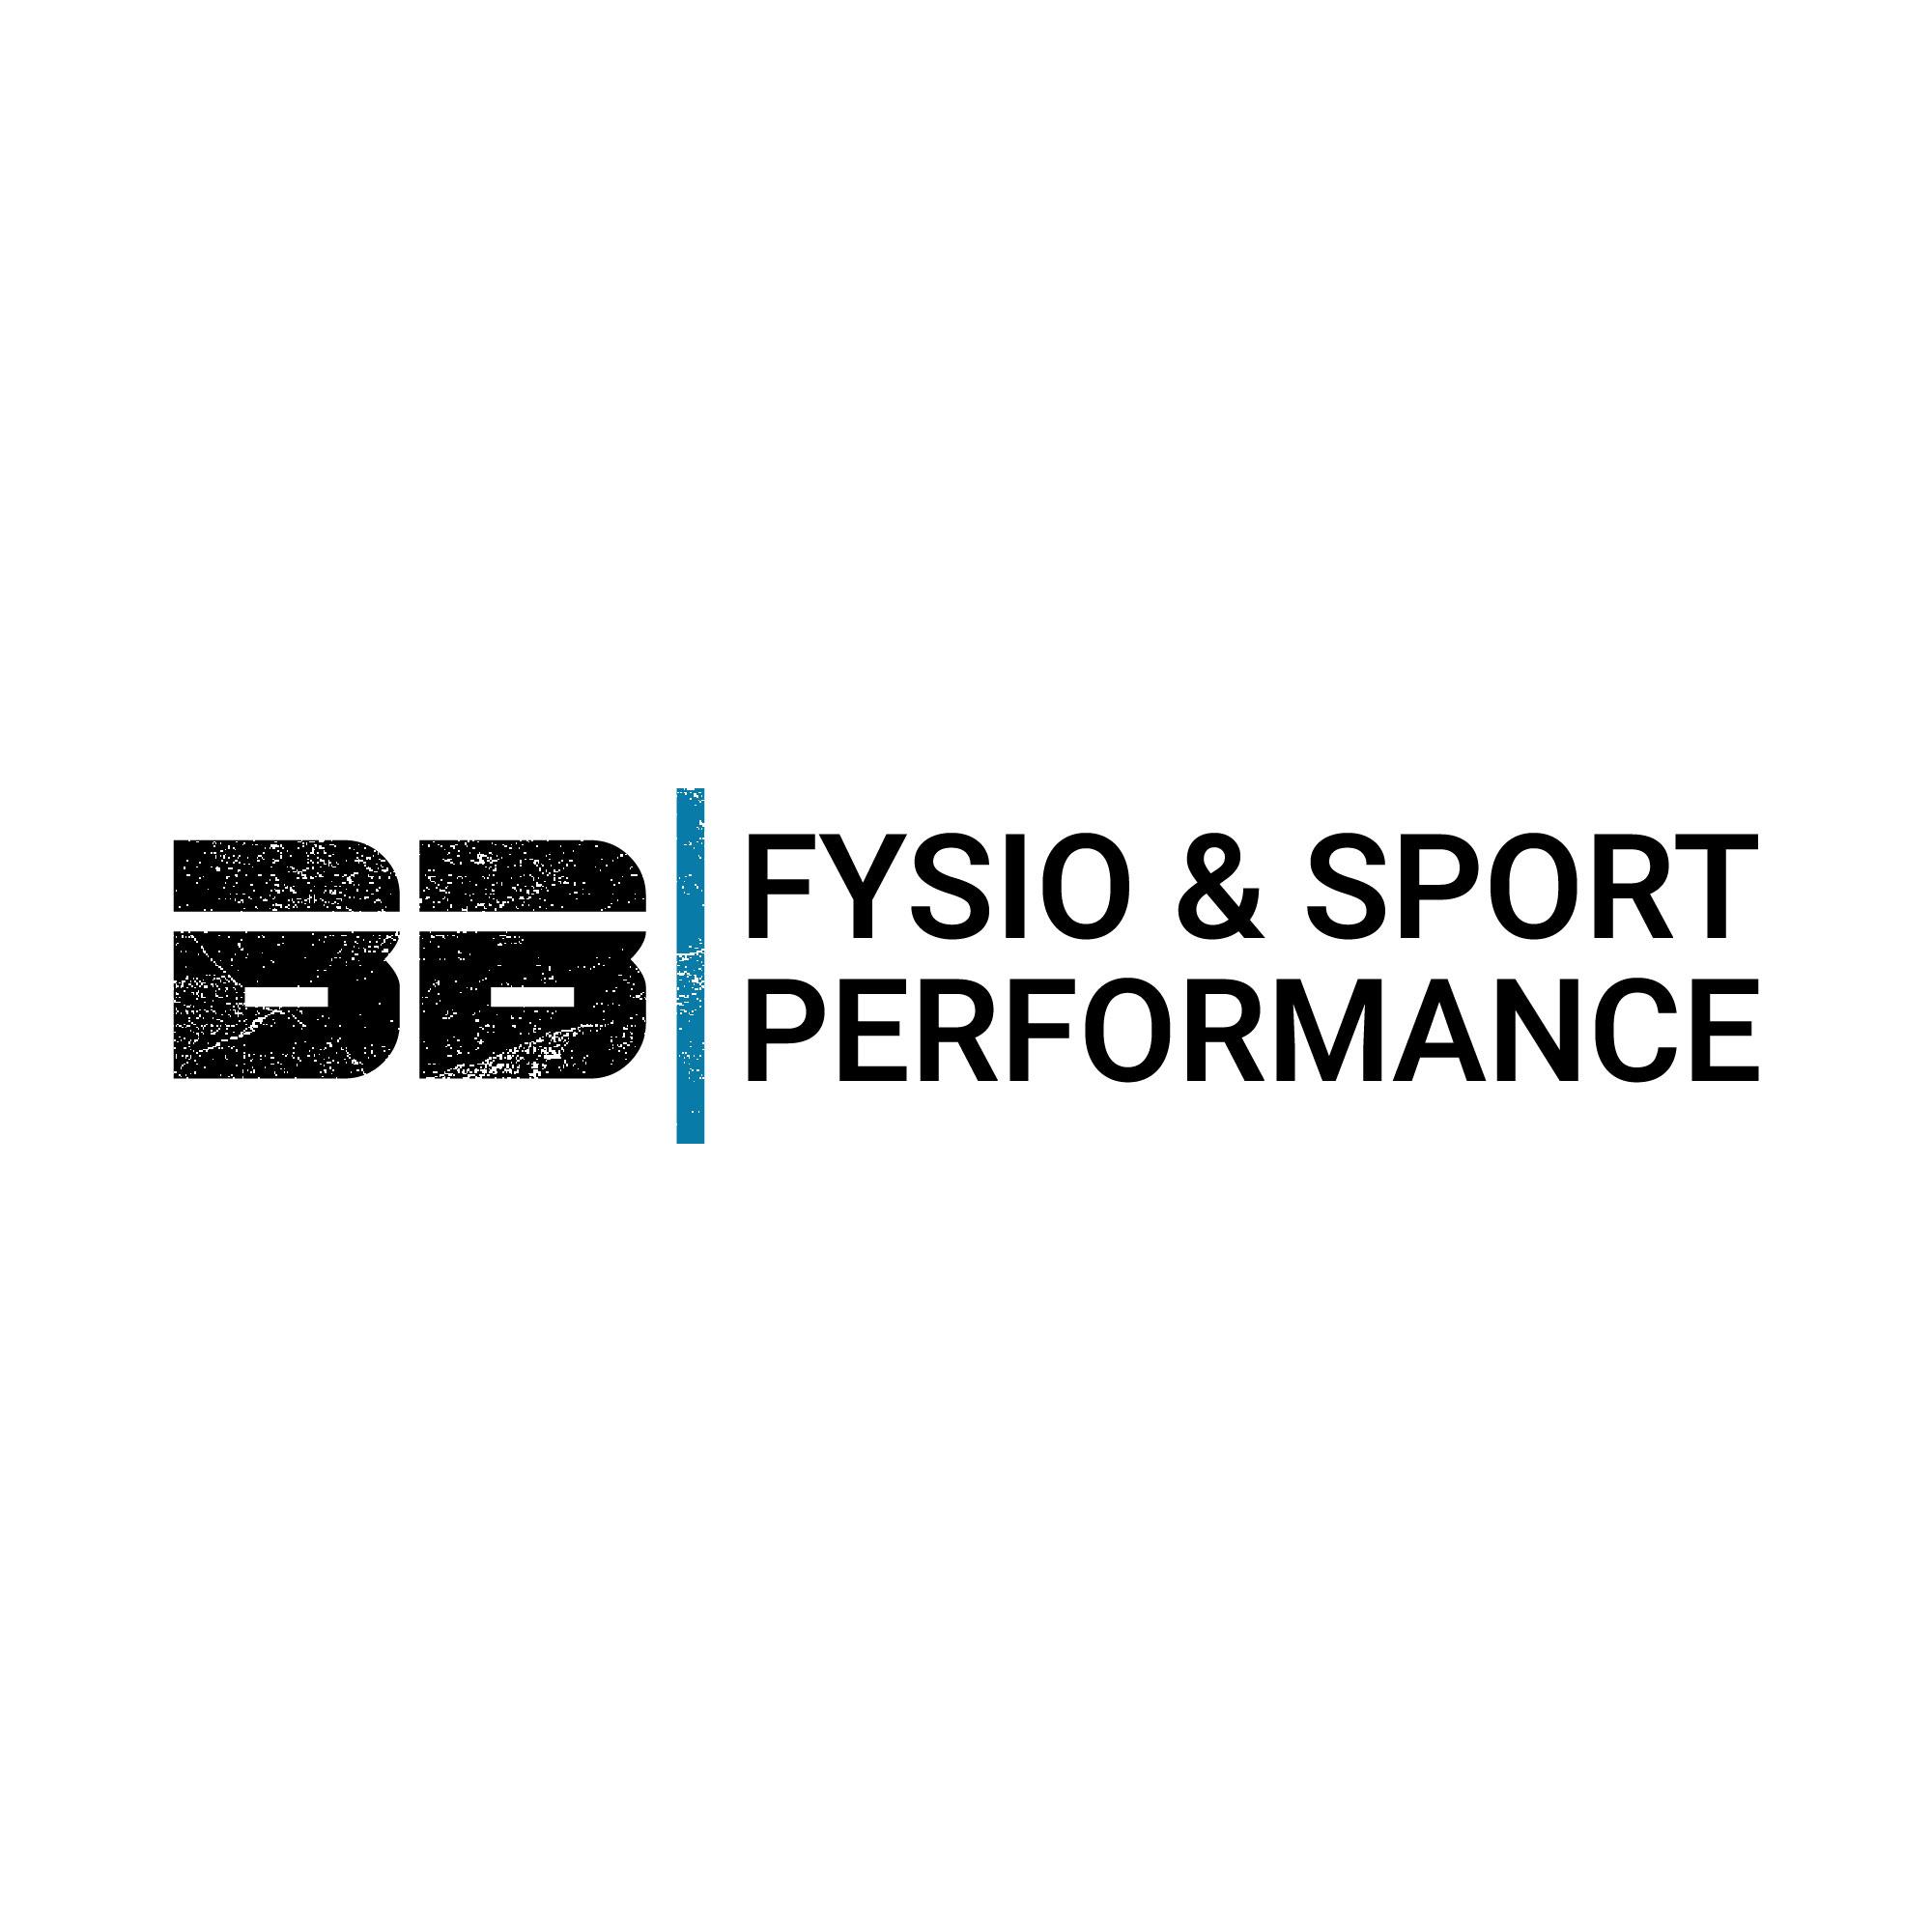 B.B Fysio & Sport Performance